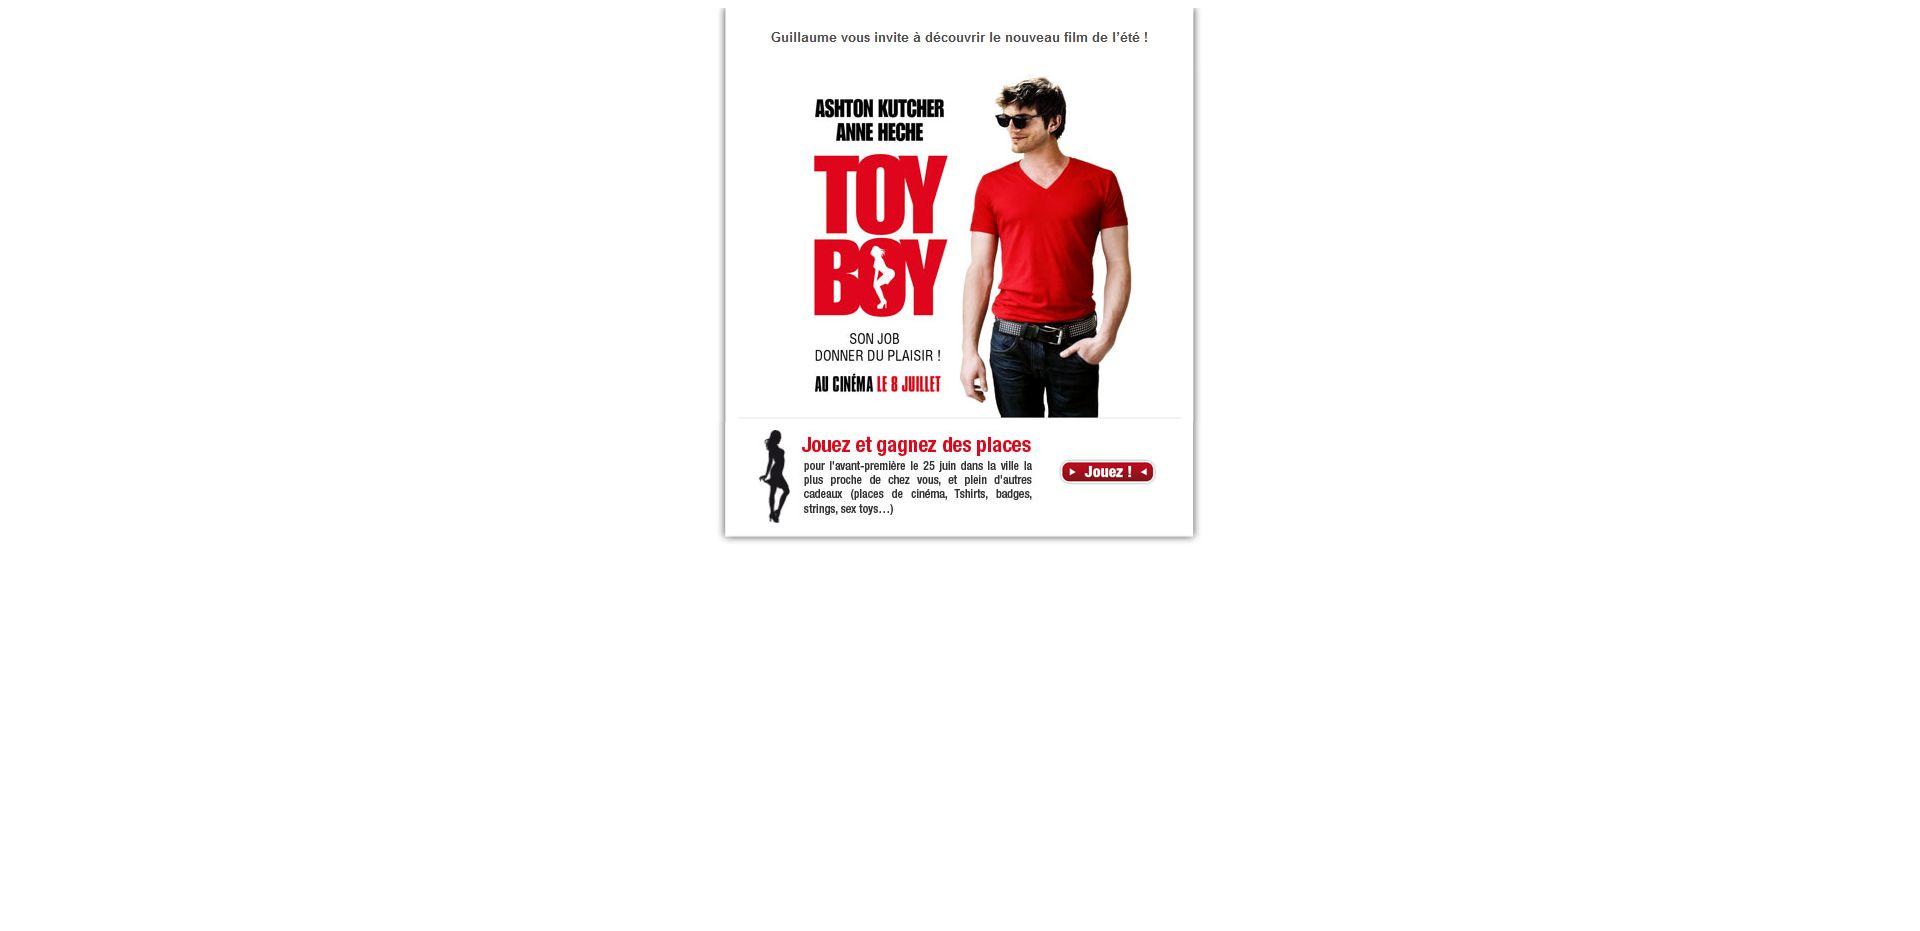 u0026quot toyboy le film u0026quot  site web